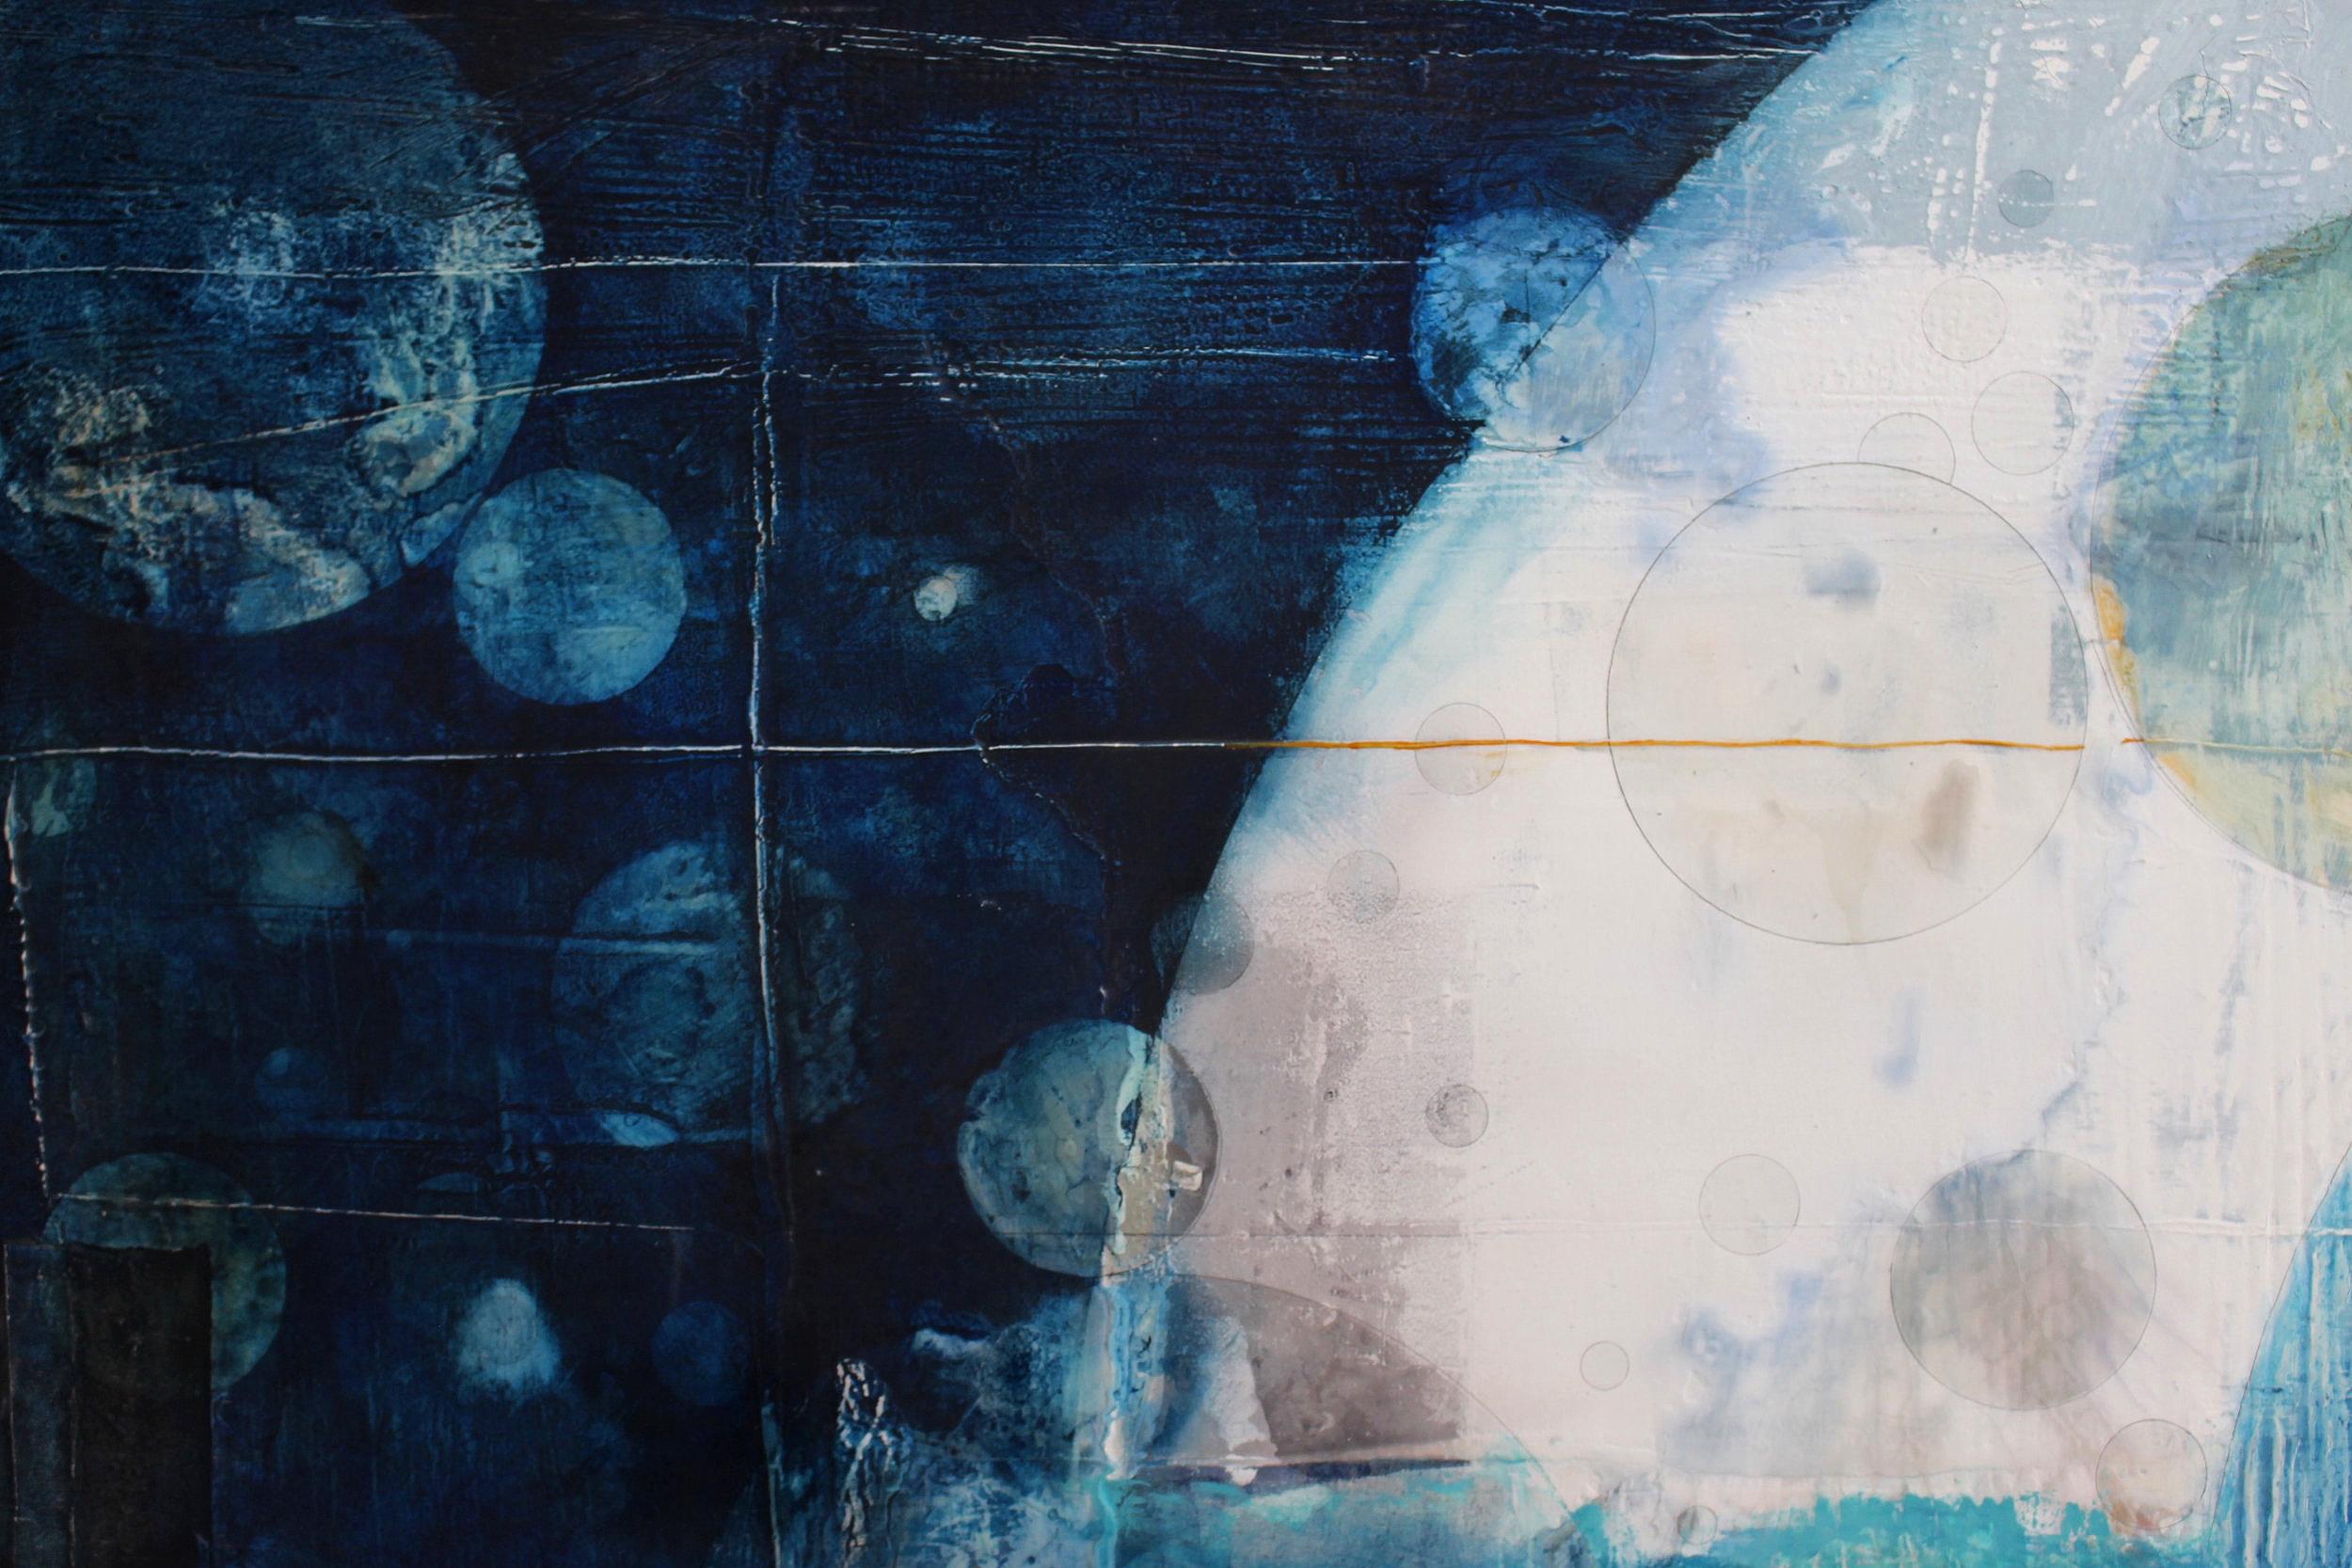 Heliosphere (detail)